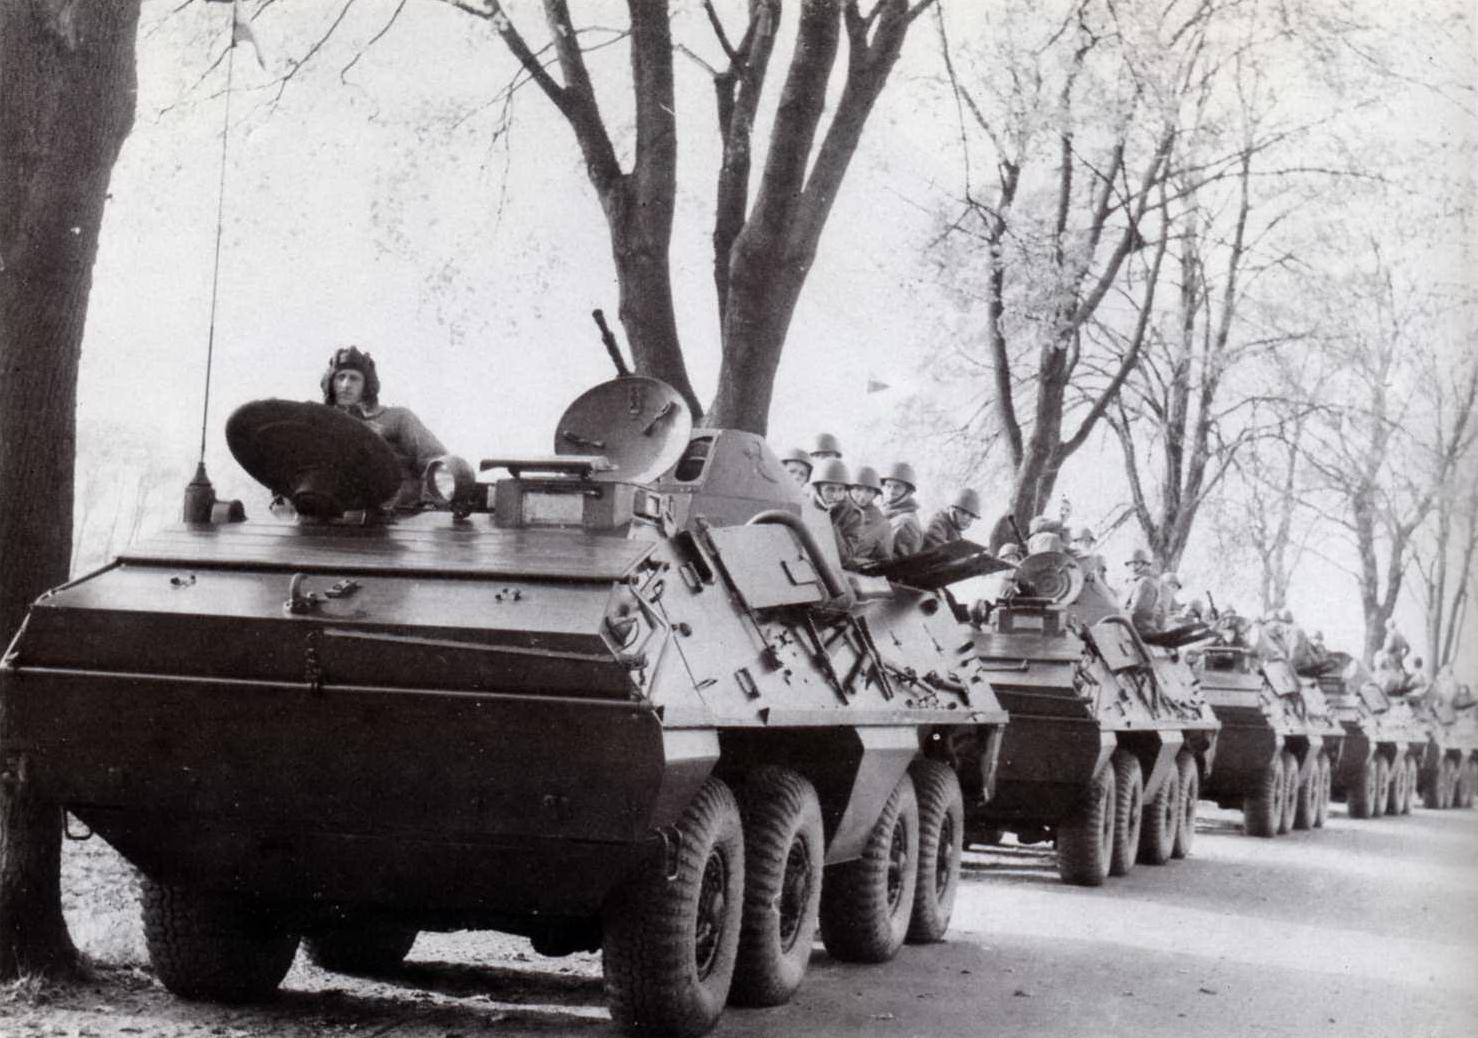 """Kolumna wojsk polskich, październik 1968 r. (Źródło: Pajórek Leszek, Polska a """"Praska Wiosna"""", Warszawa 1998)"""